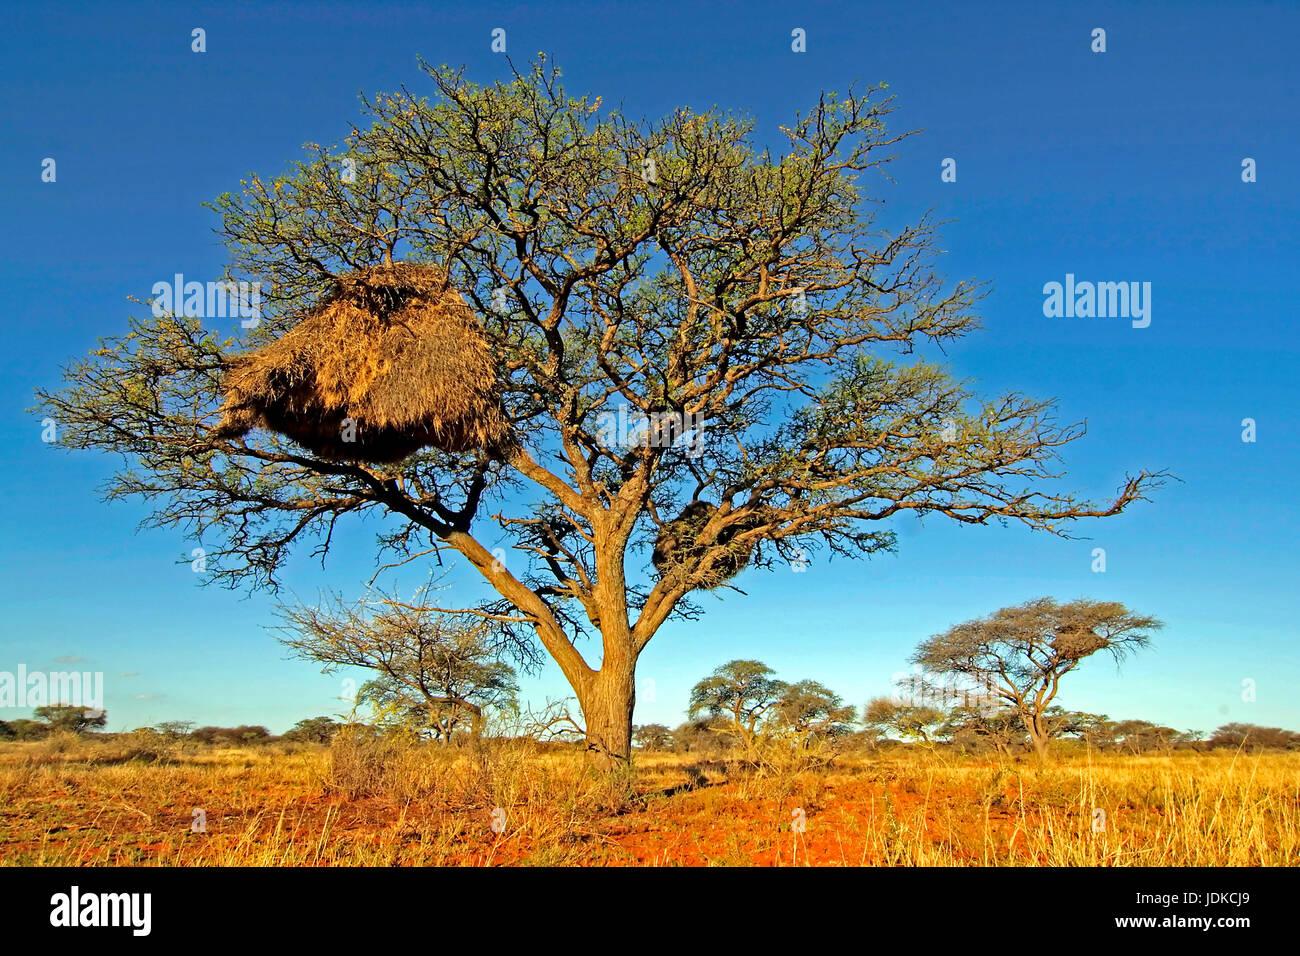 Tree in the scenery, Baum in der Landschaft - Stock Image